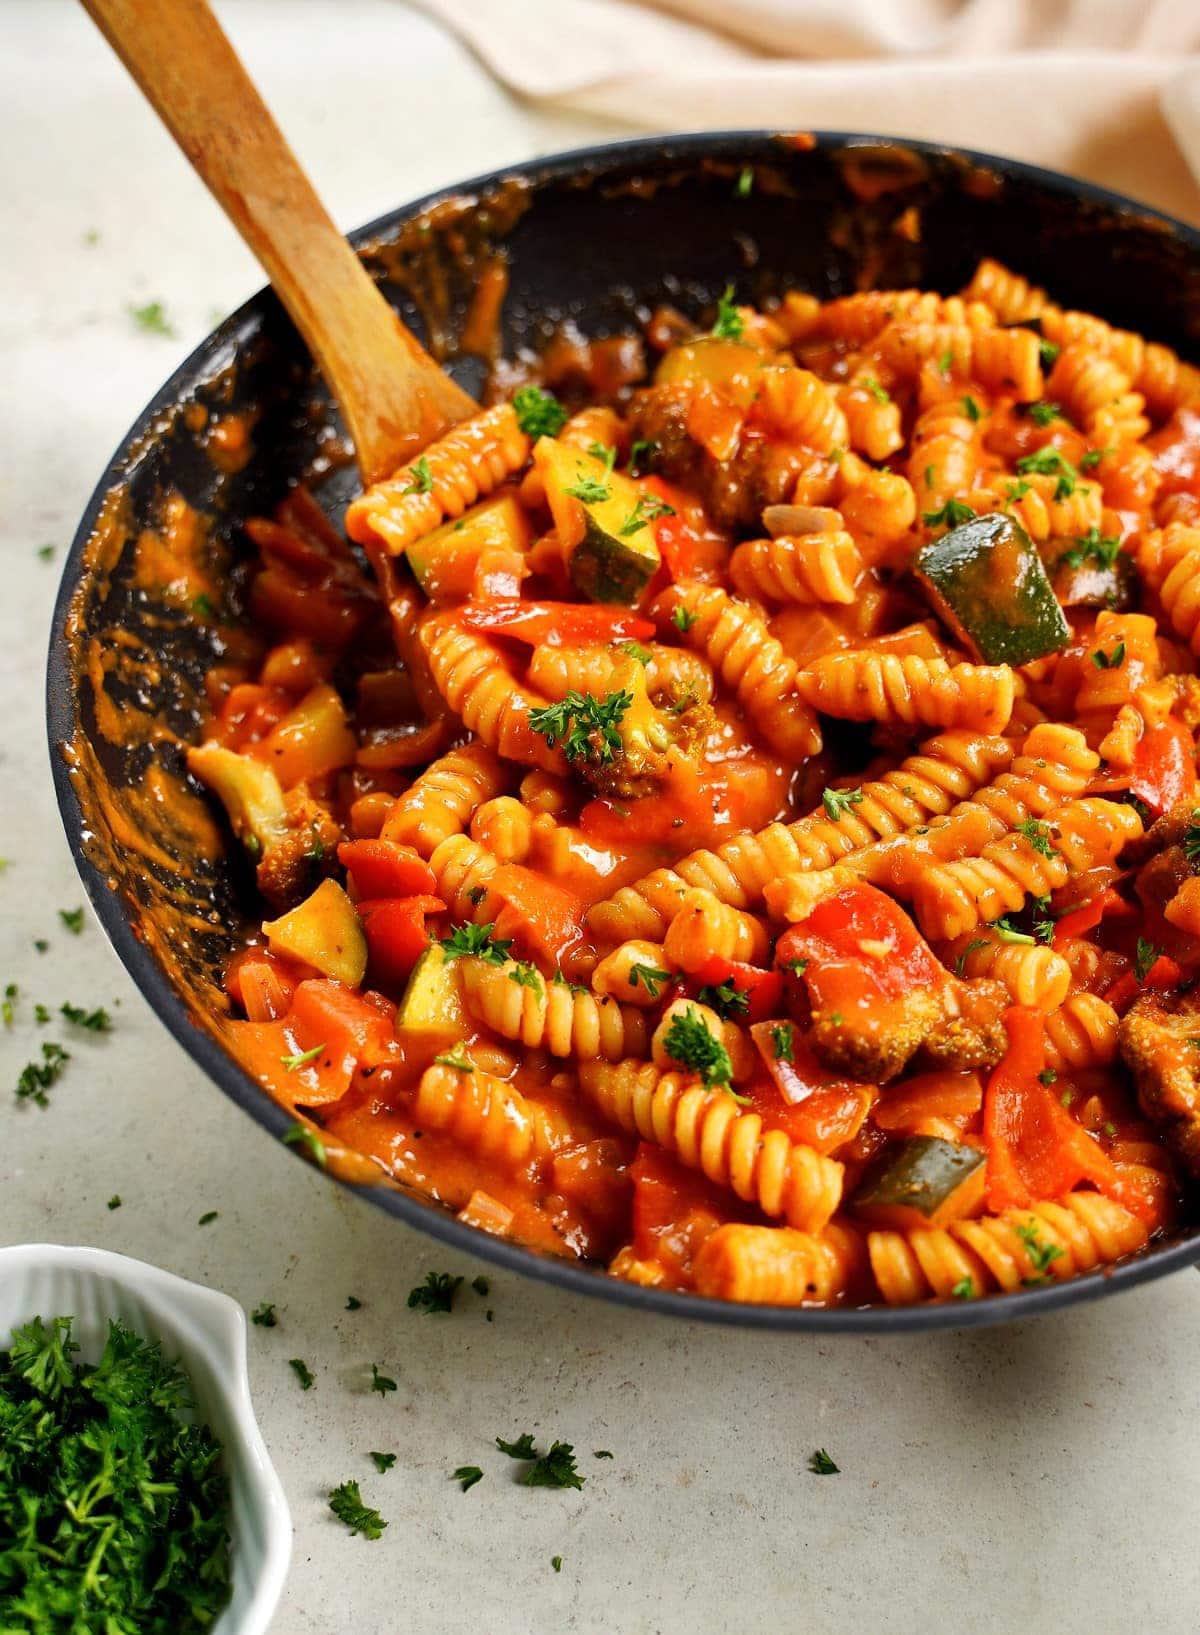 Nahaufnahme von cremiger One-Pot-Pasta in Pfanne mit einem Rührlöffel